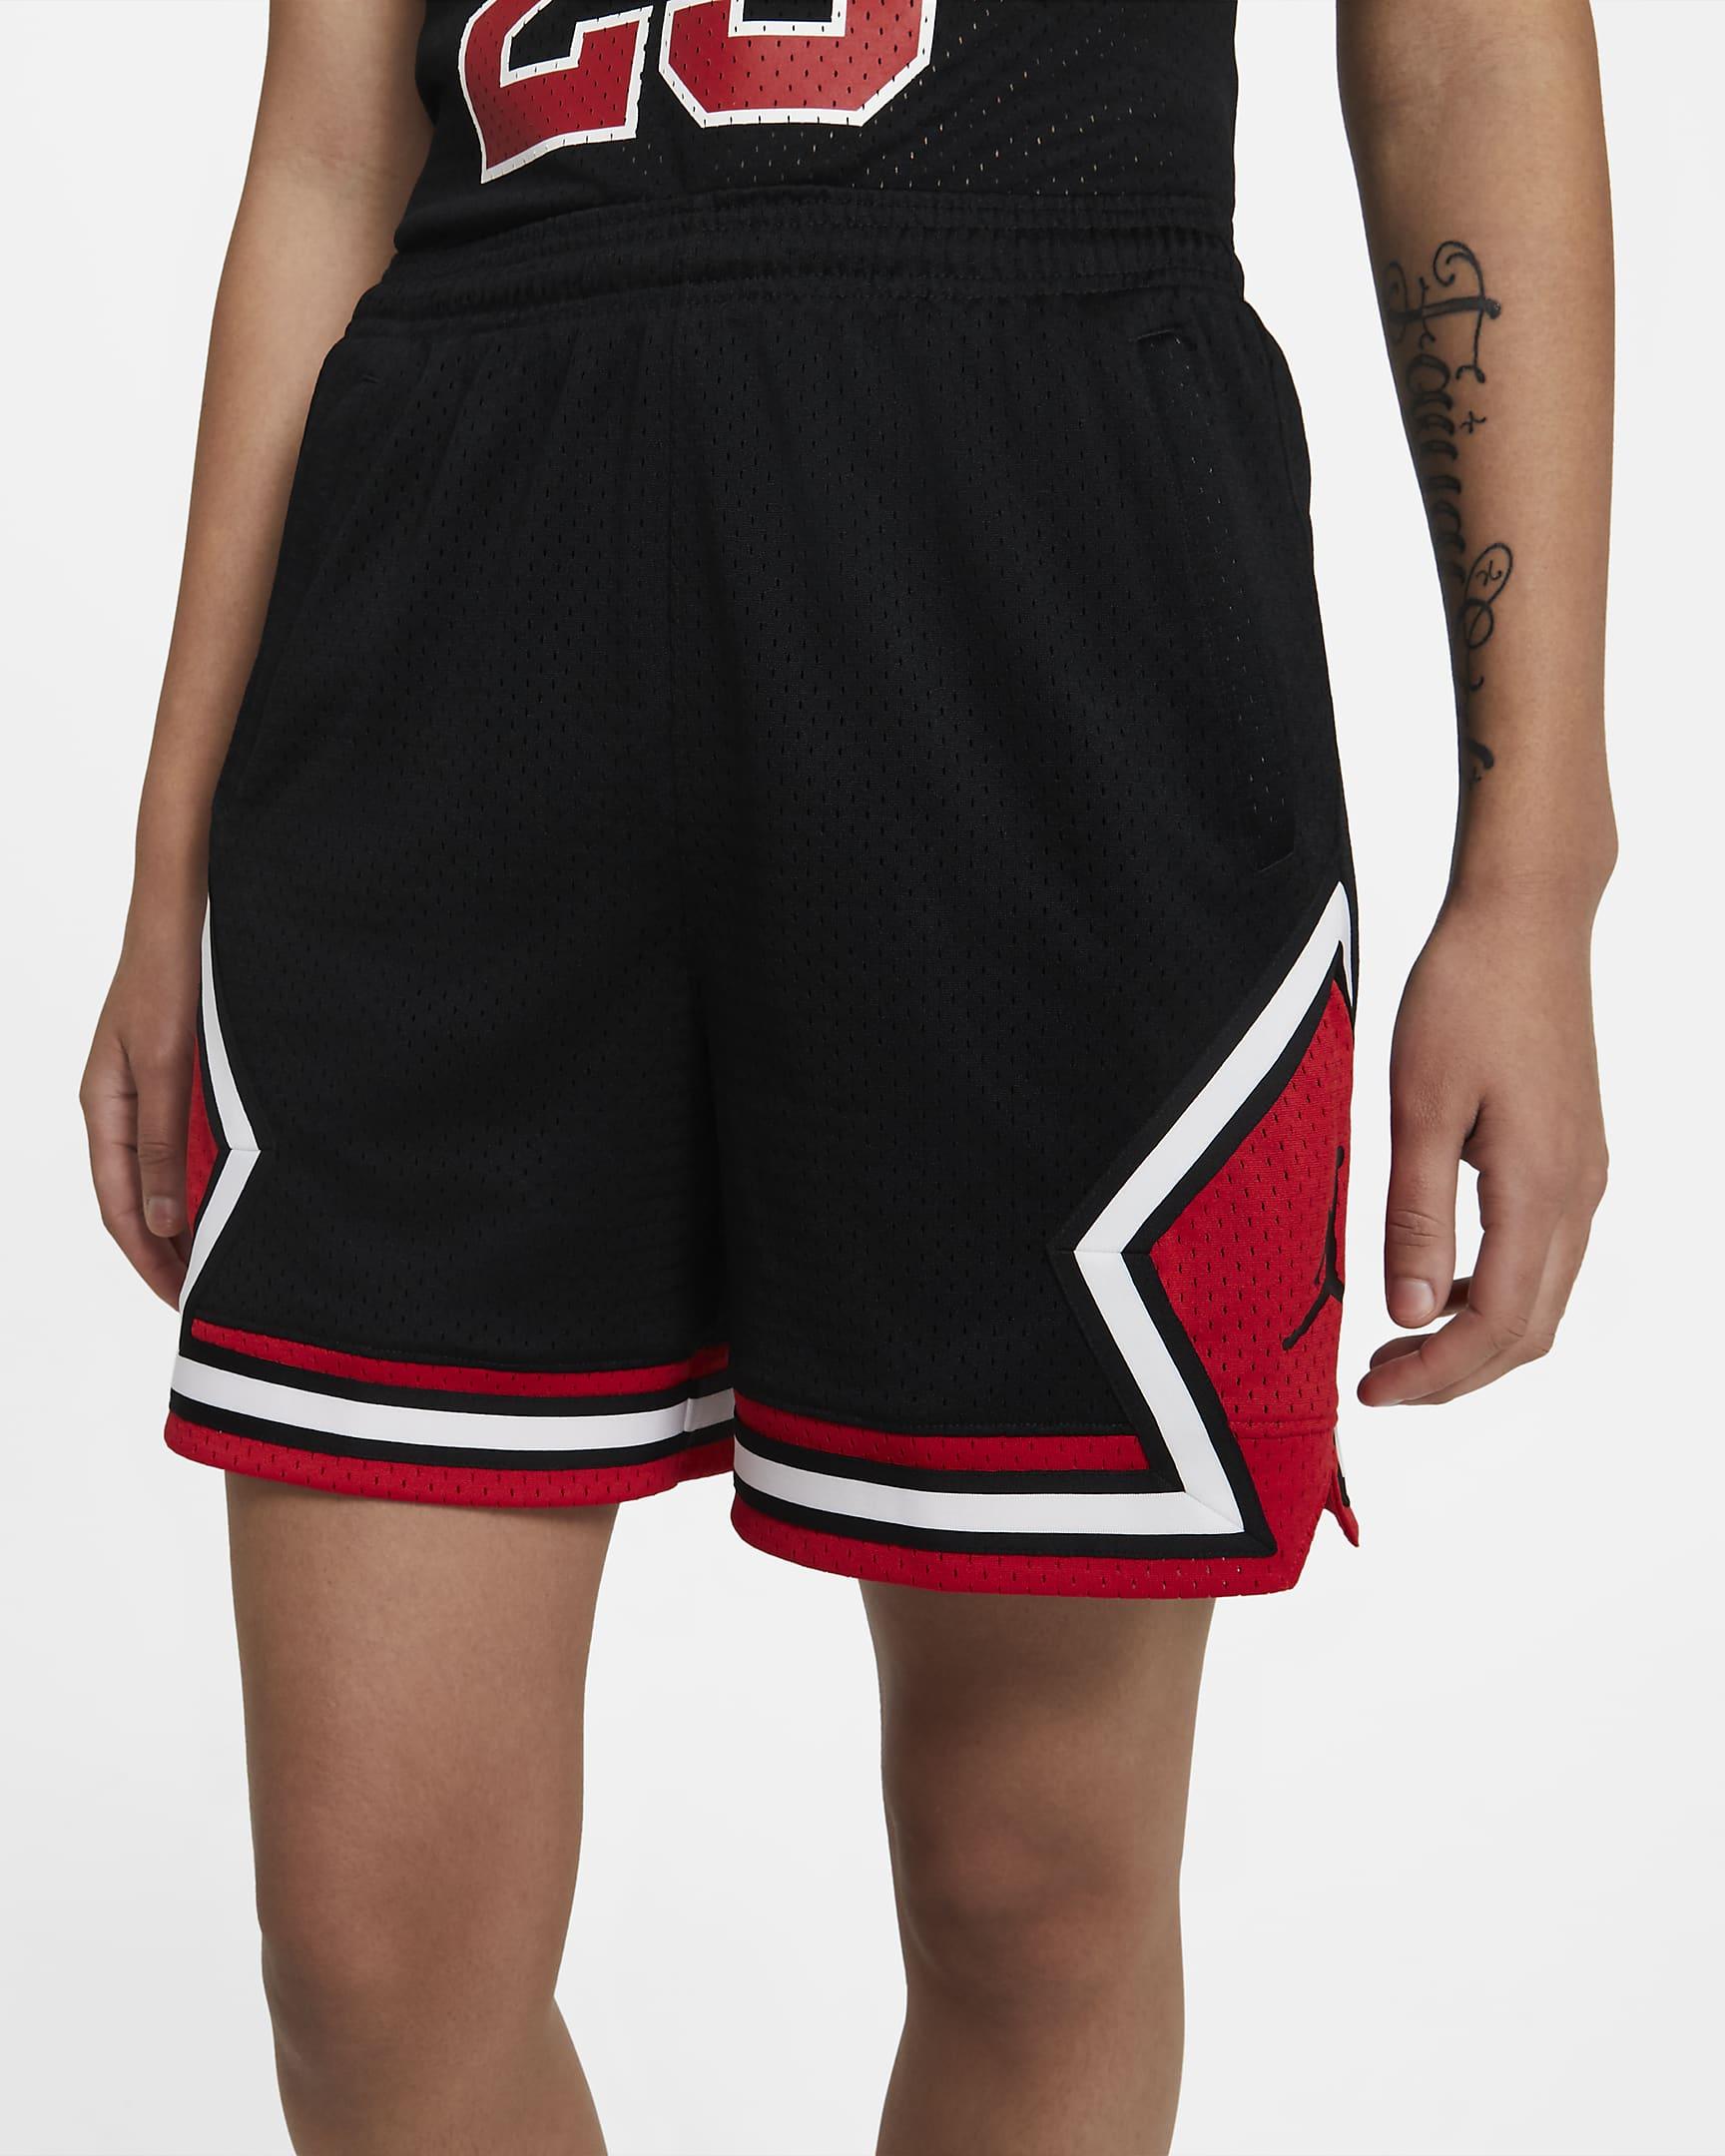 jordan-essentials-womens-diamond-shorts-xmWGct.png